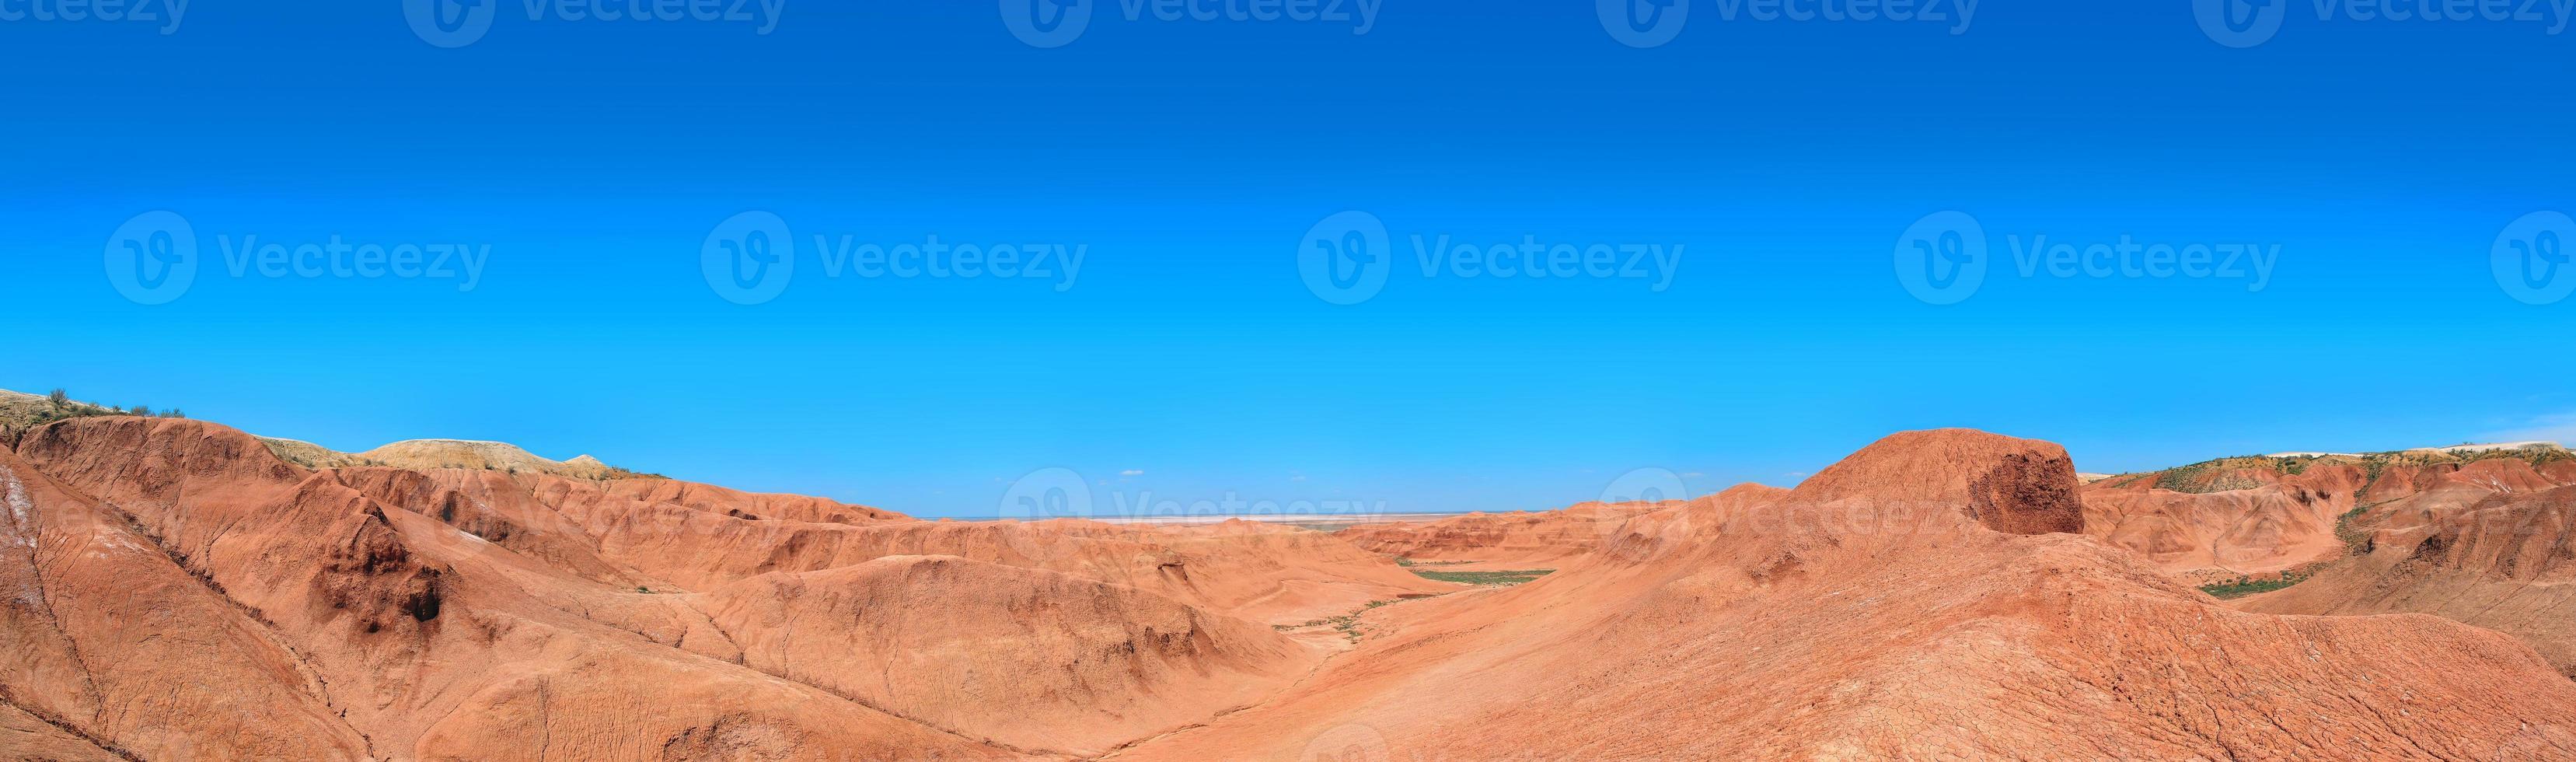 dikke woestijn foto